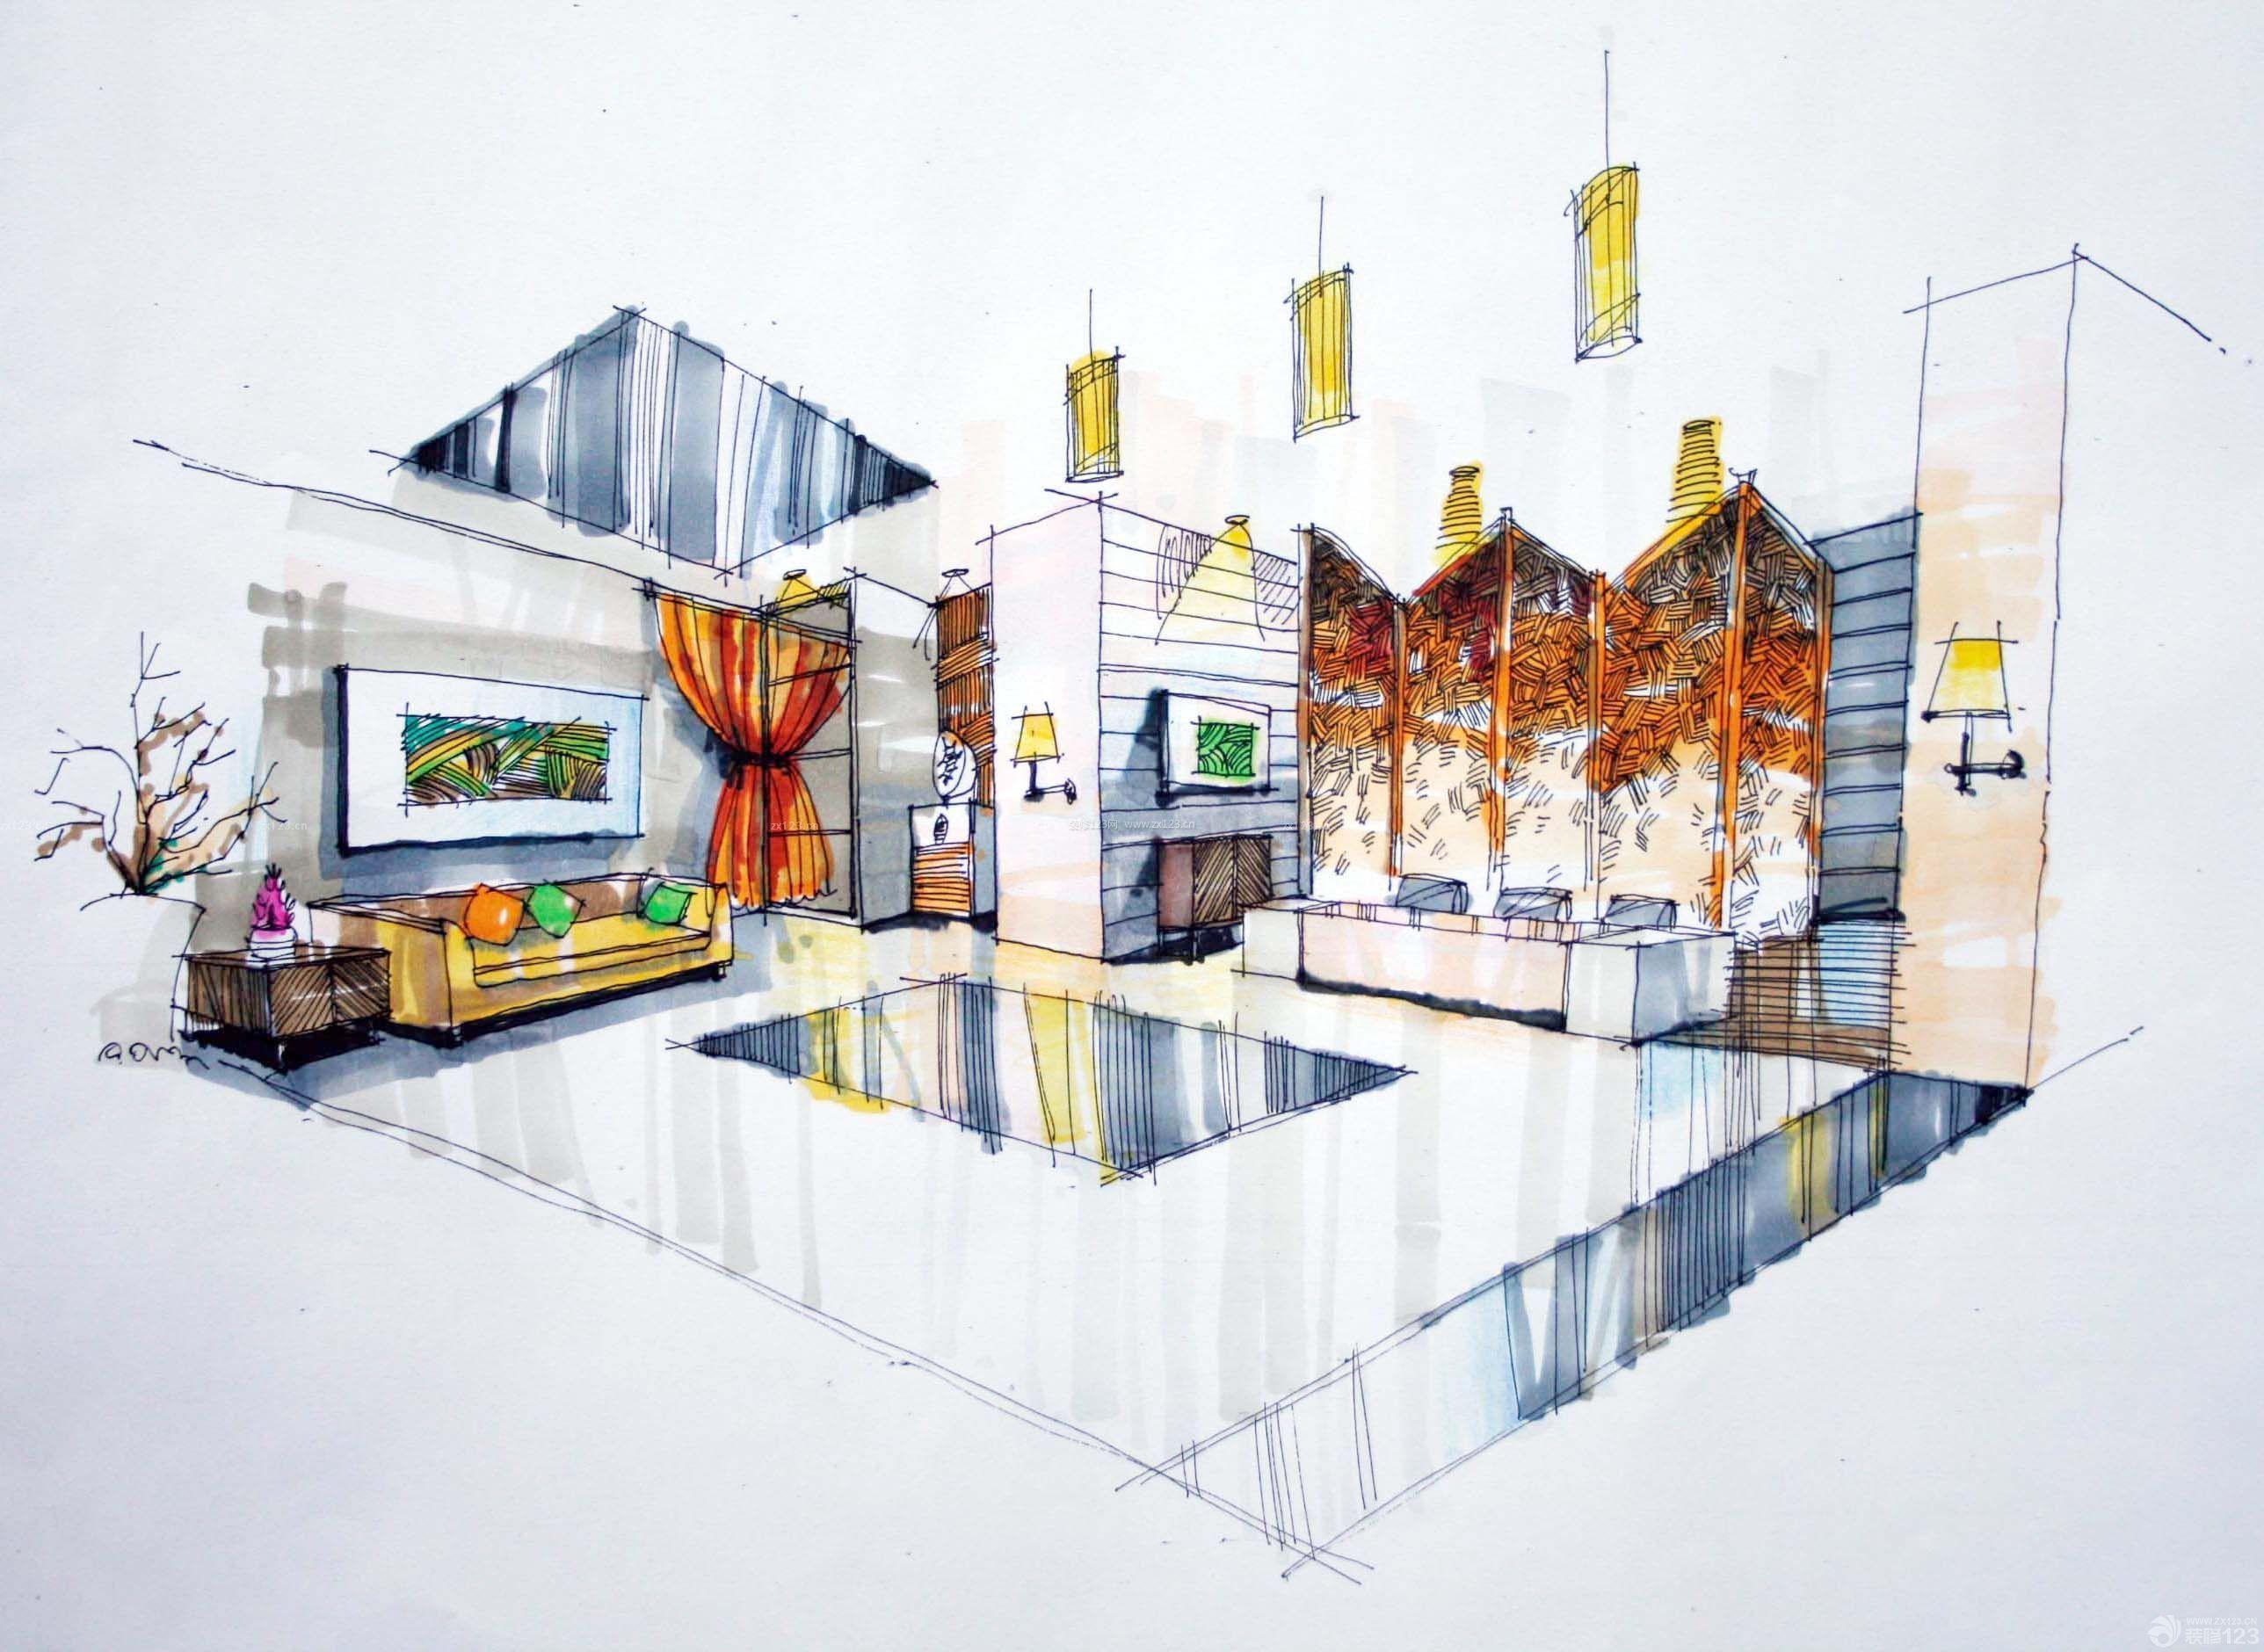 小型会所大厅展示设计手绘效果图